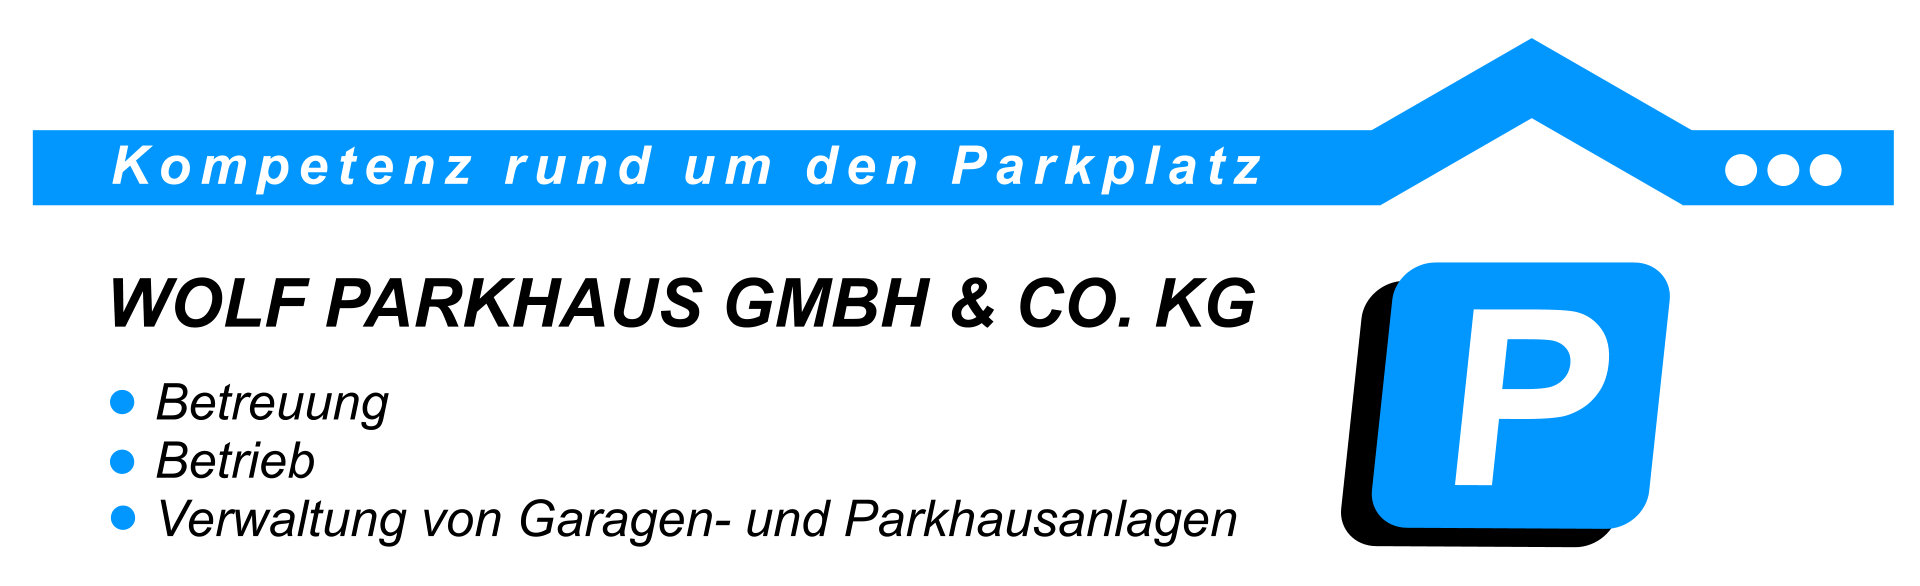 Wolf Parkhaus GmbH